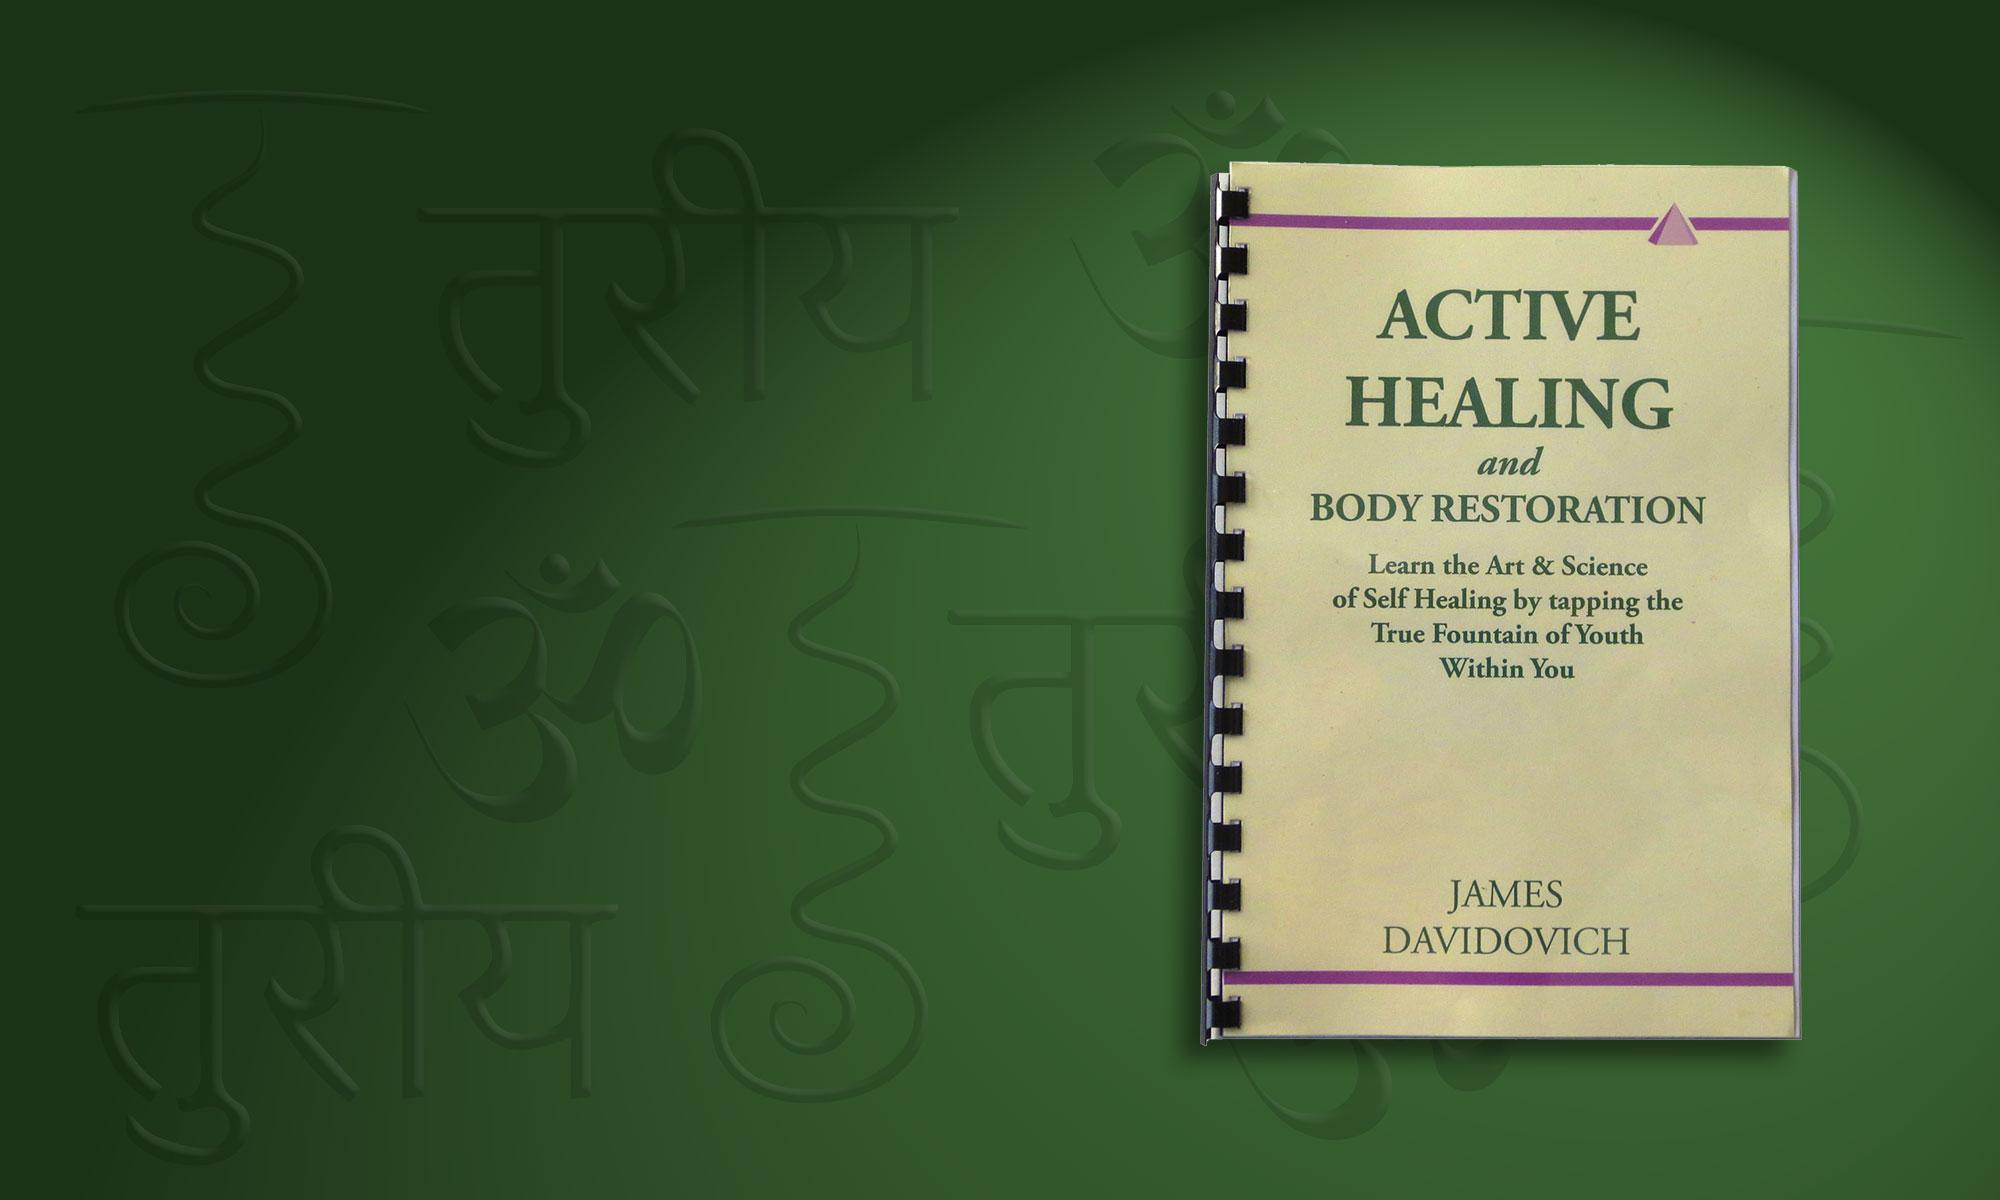 Active Healing